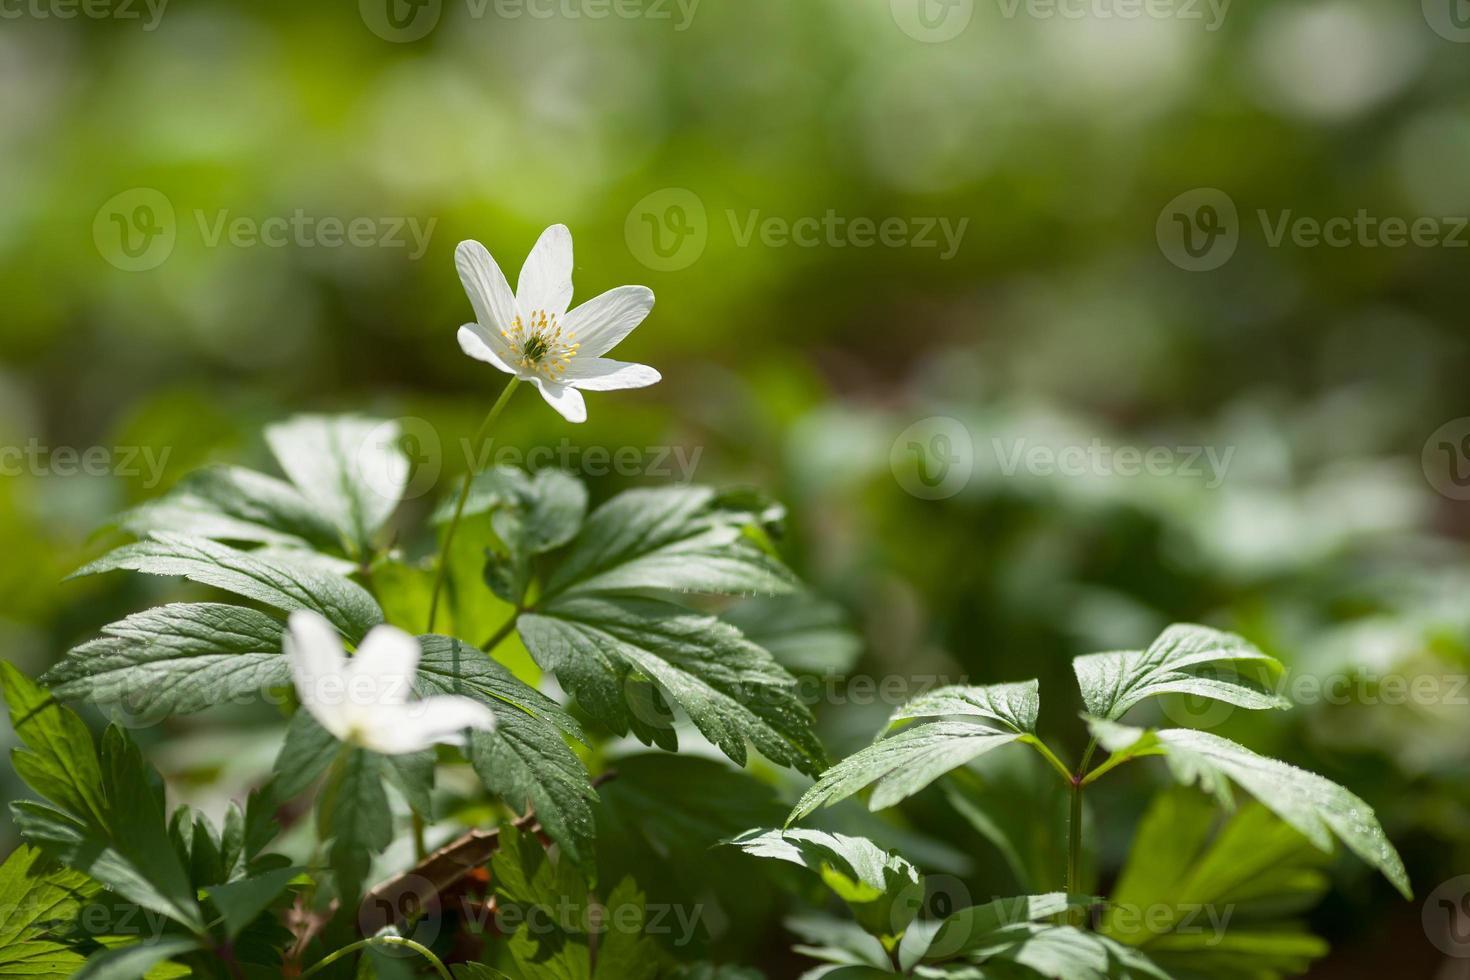 anémone de fleurs blanches dans la forêt. premières fleurs de printemps photo